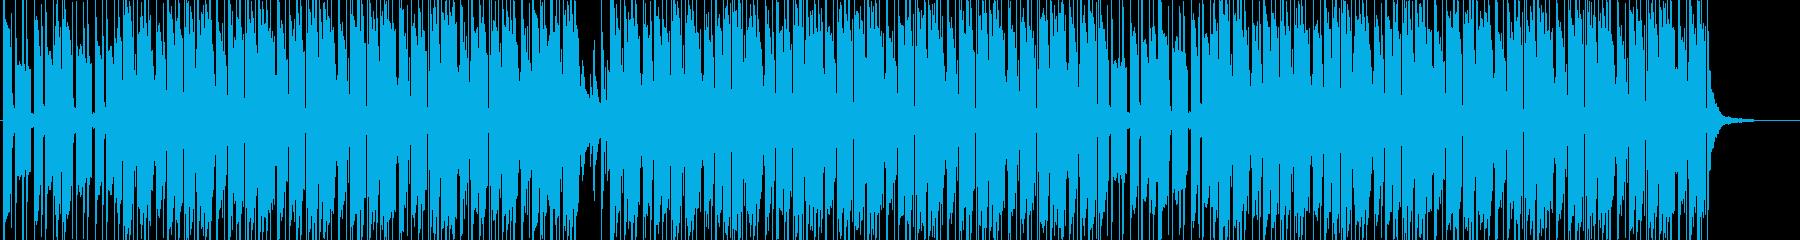 おしゃれなHIPHOP TRAPの再生済みの波形